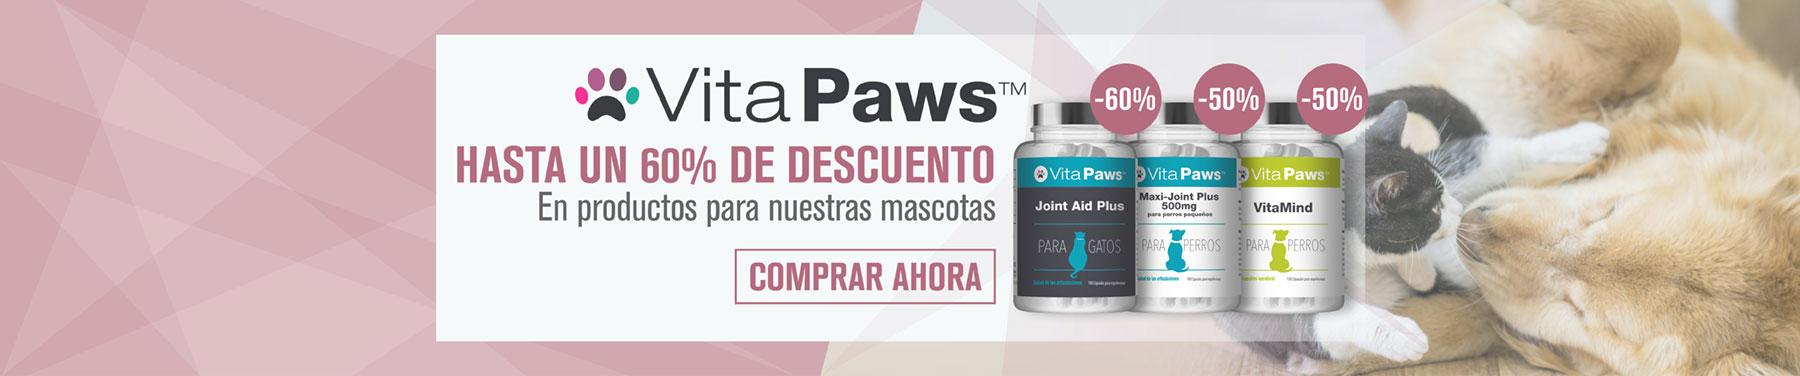 VitaPaws - Hasta un 60% de descuento